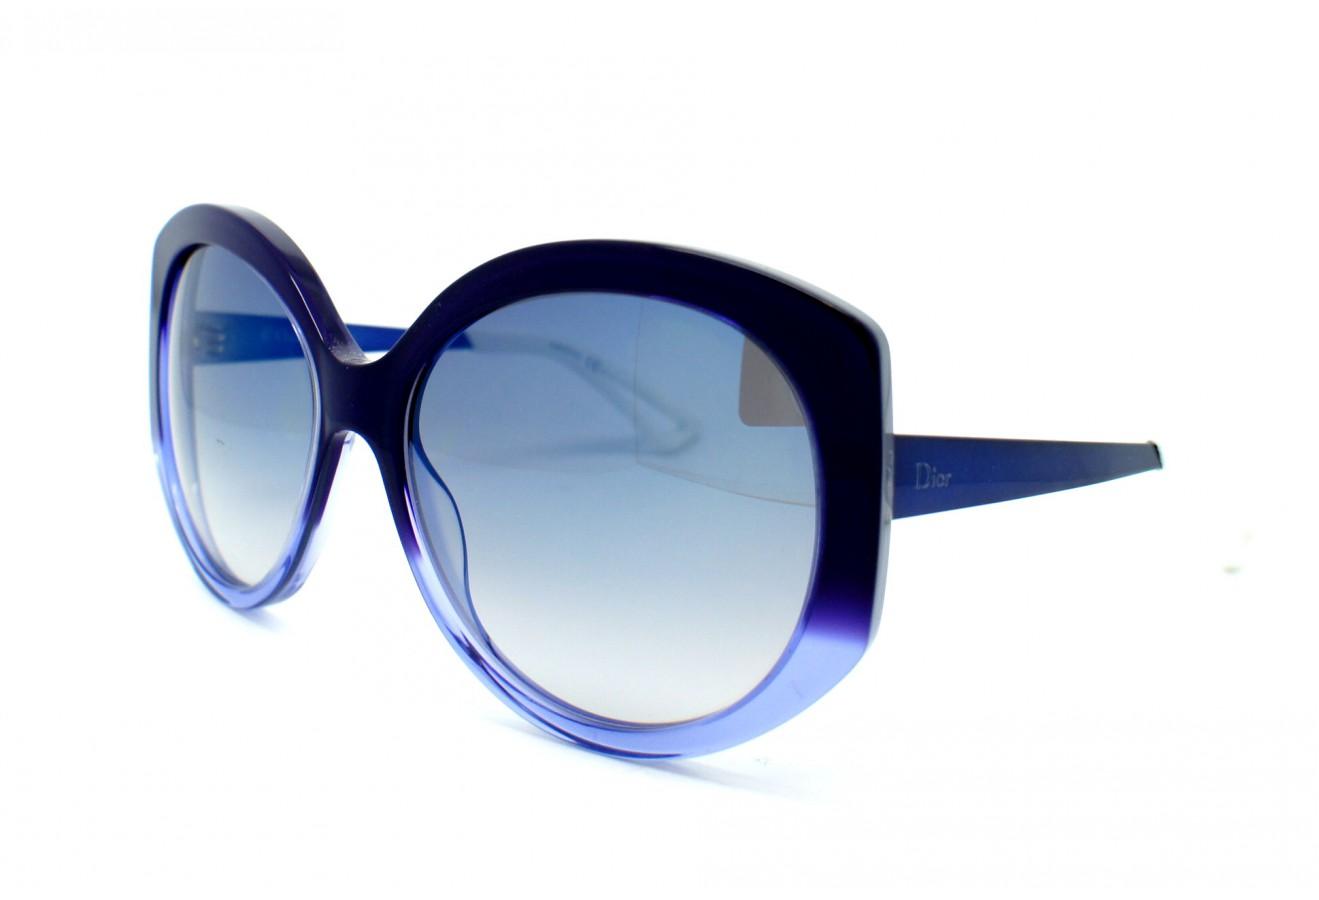 Lunettes de soleil bleues femme H6JOvB